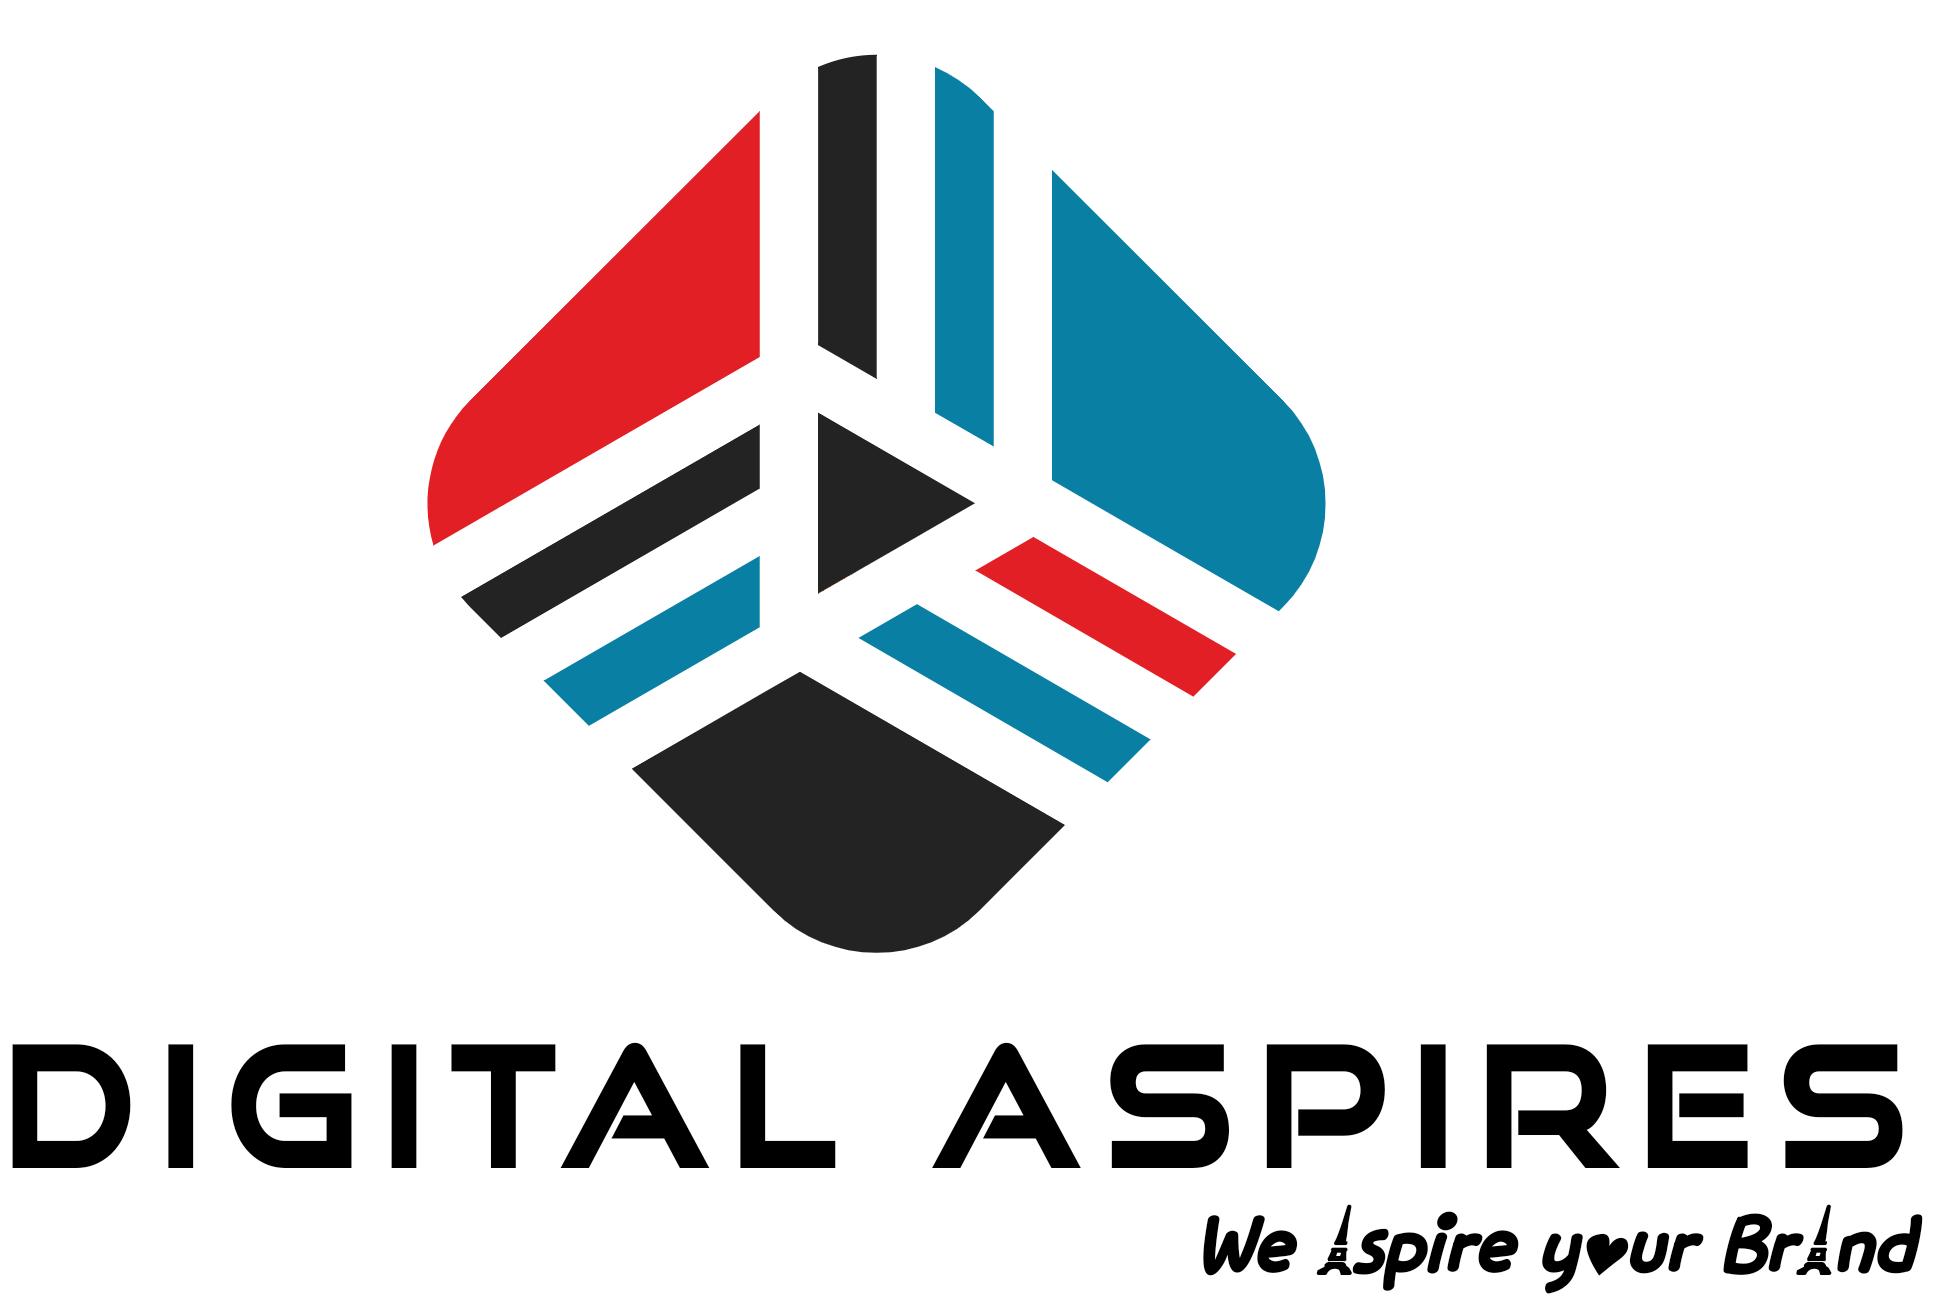 Digital Aspires